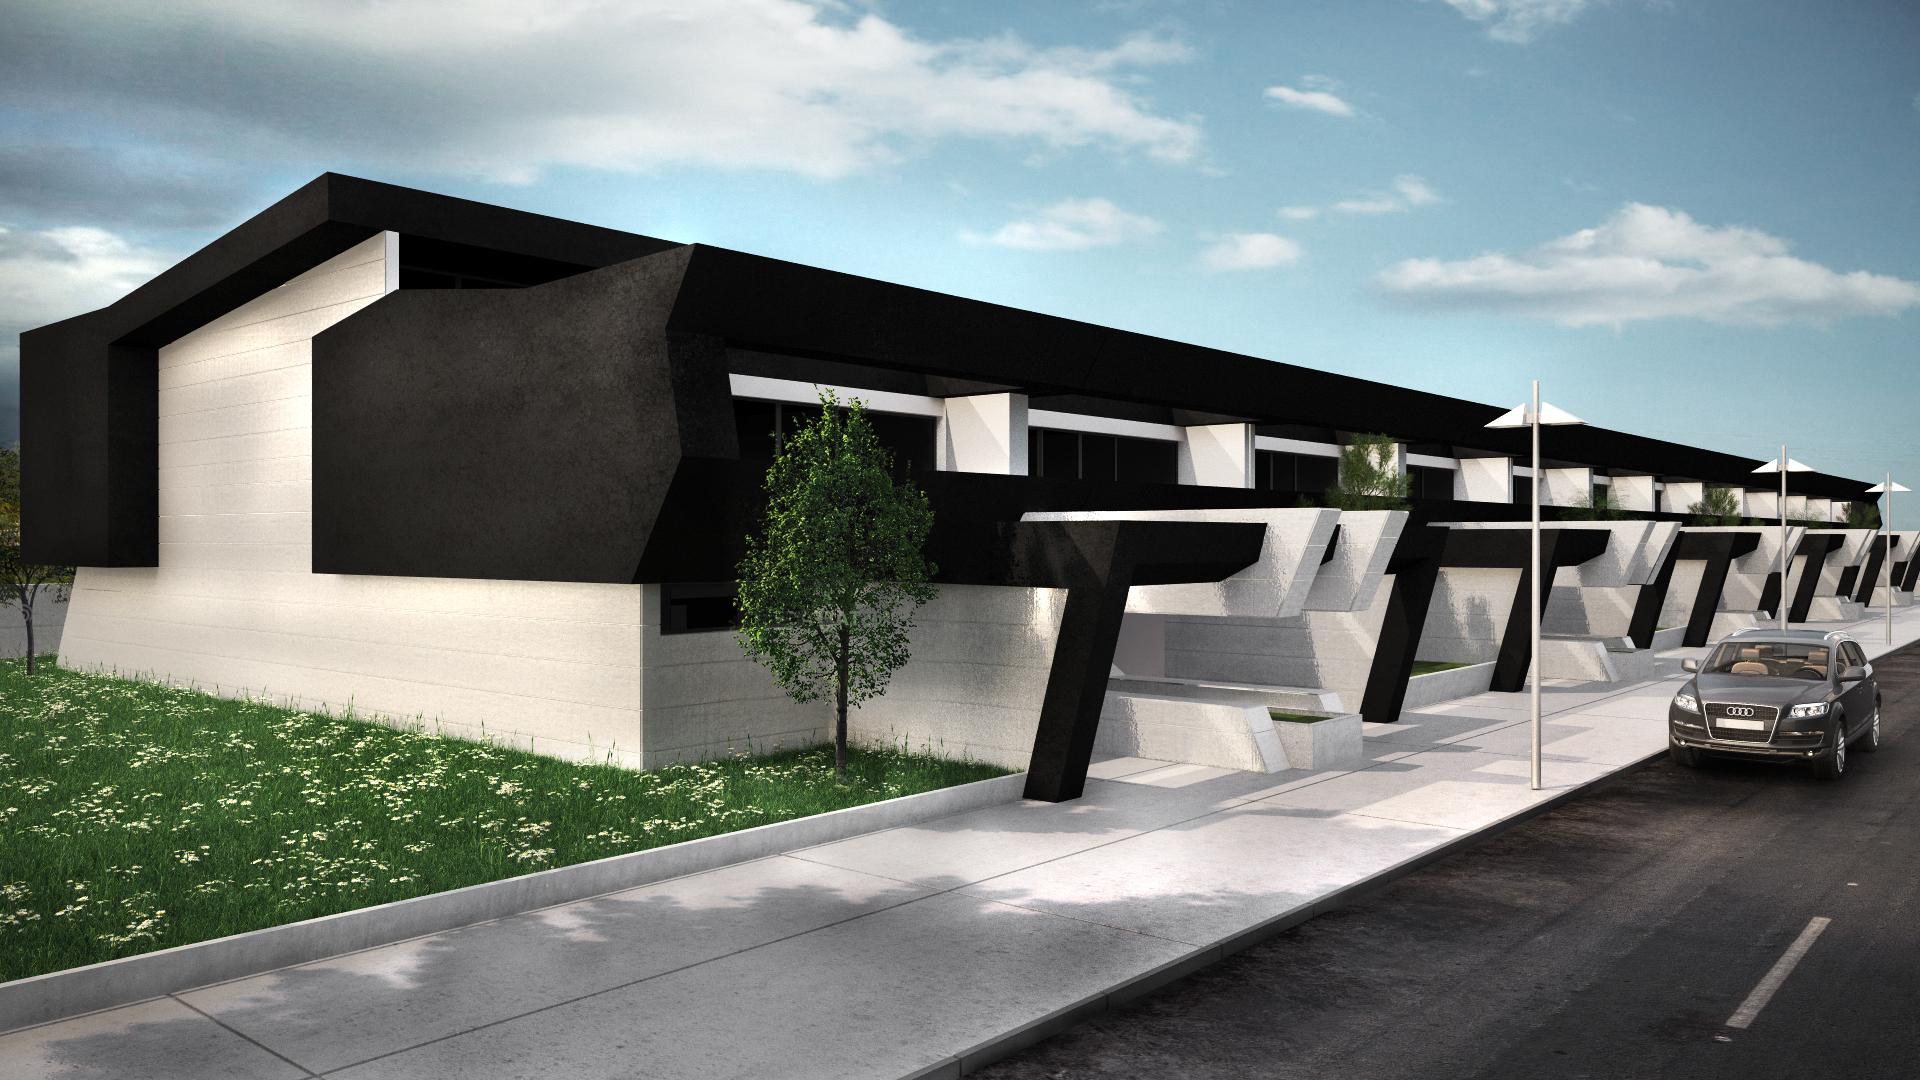 Dise o de viviendas adosadas en madrid for Diseno de viviendas